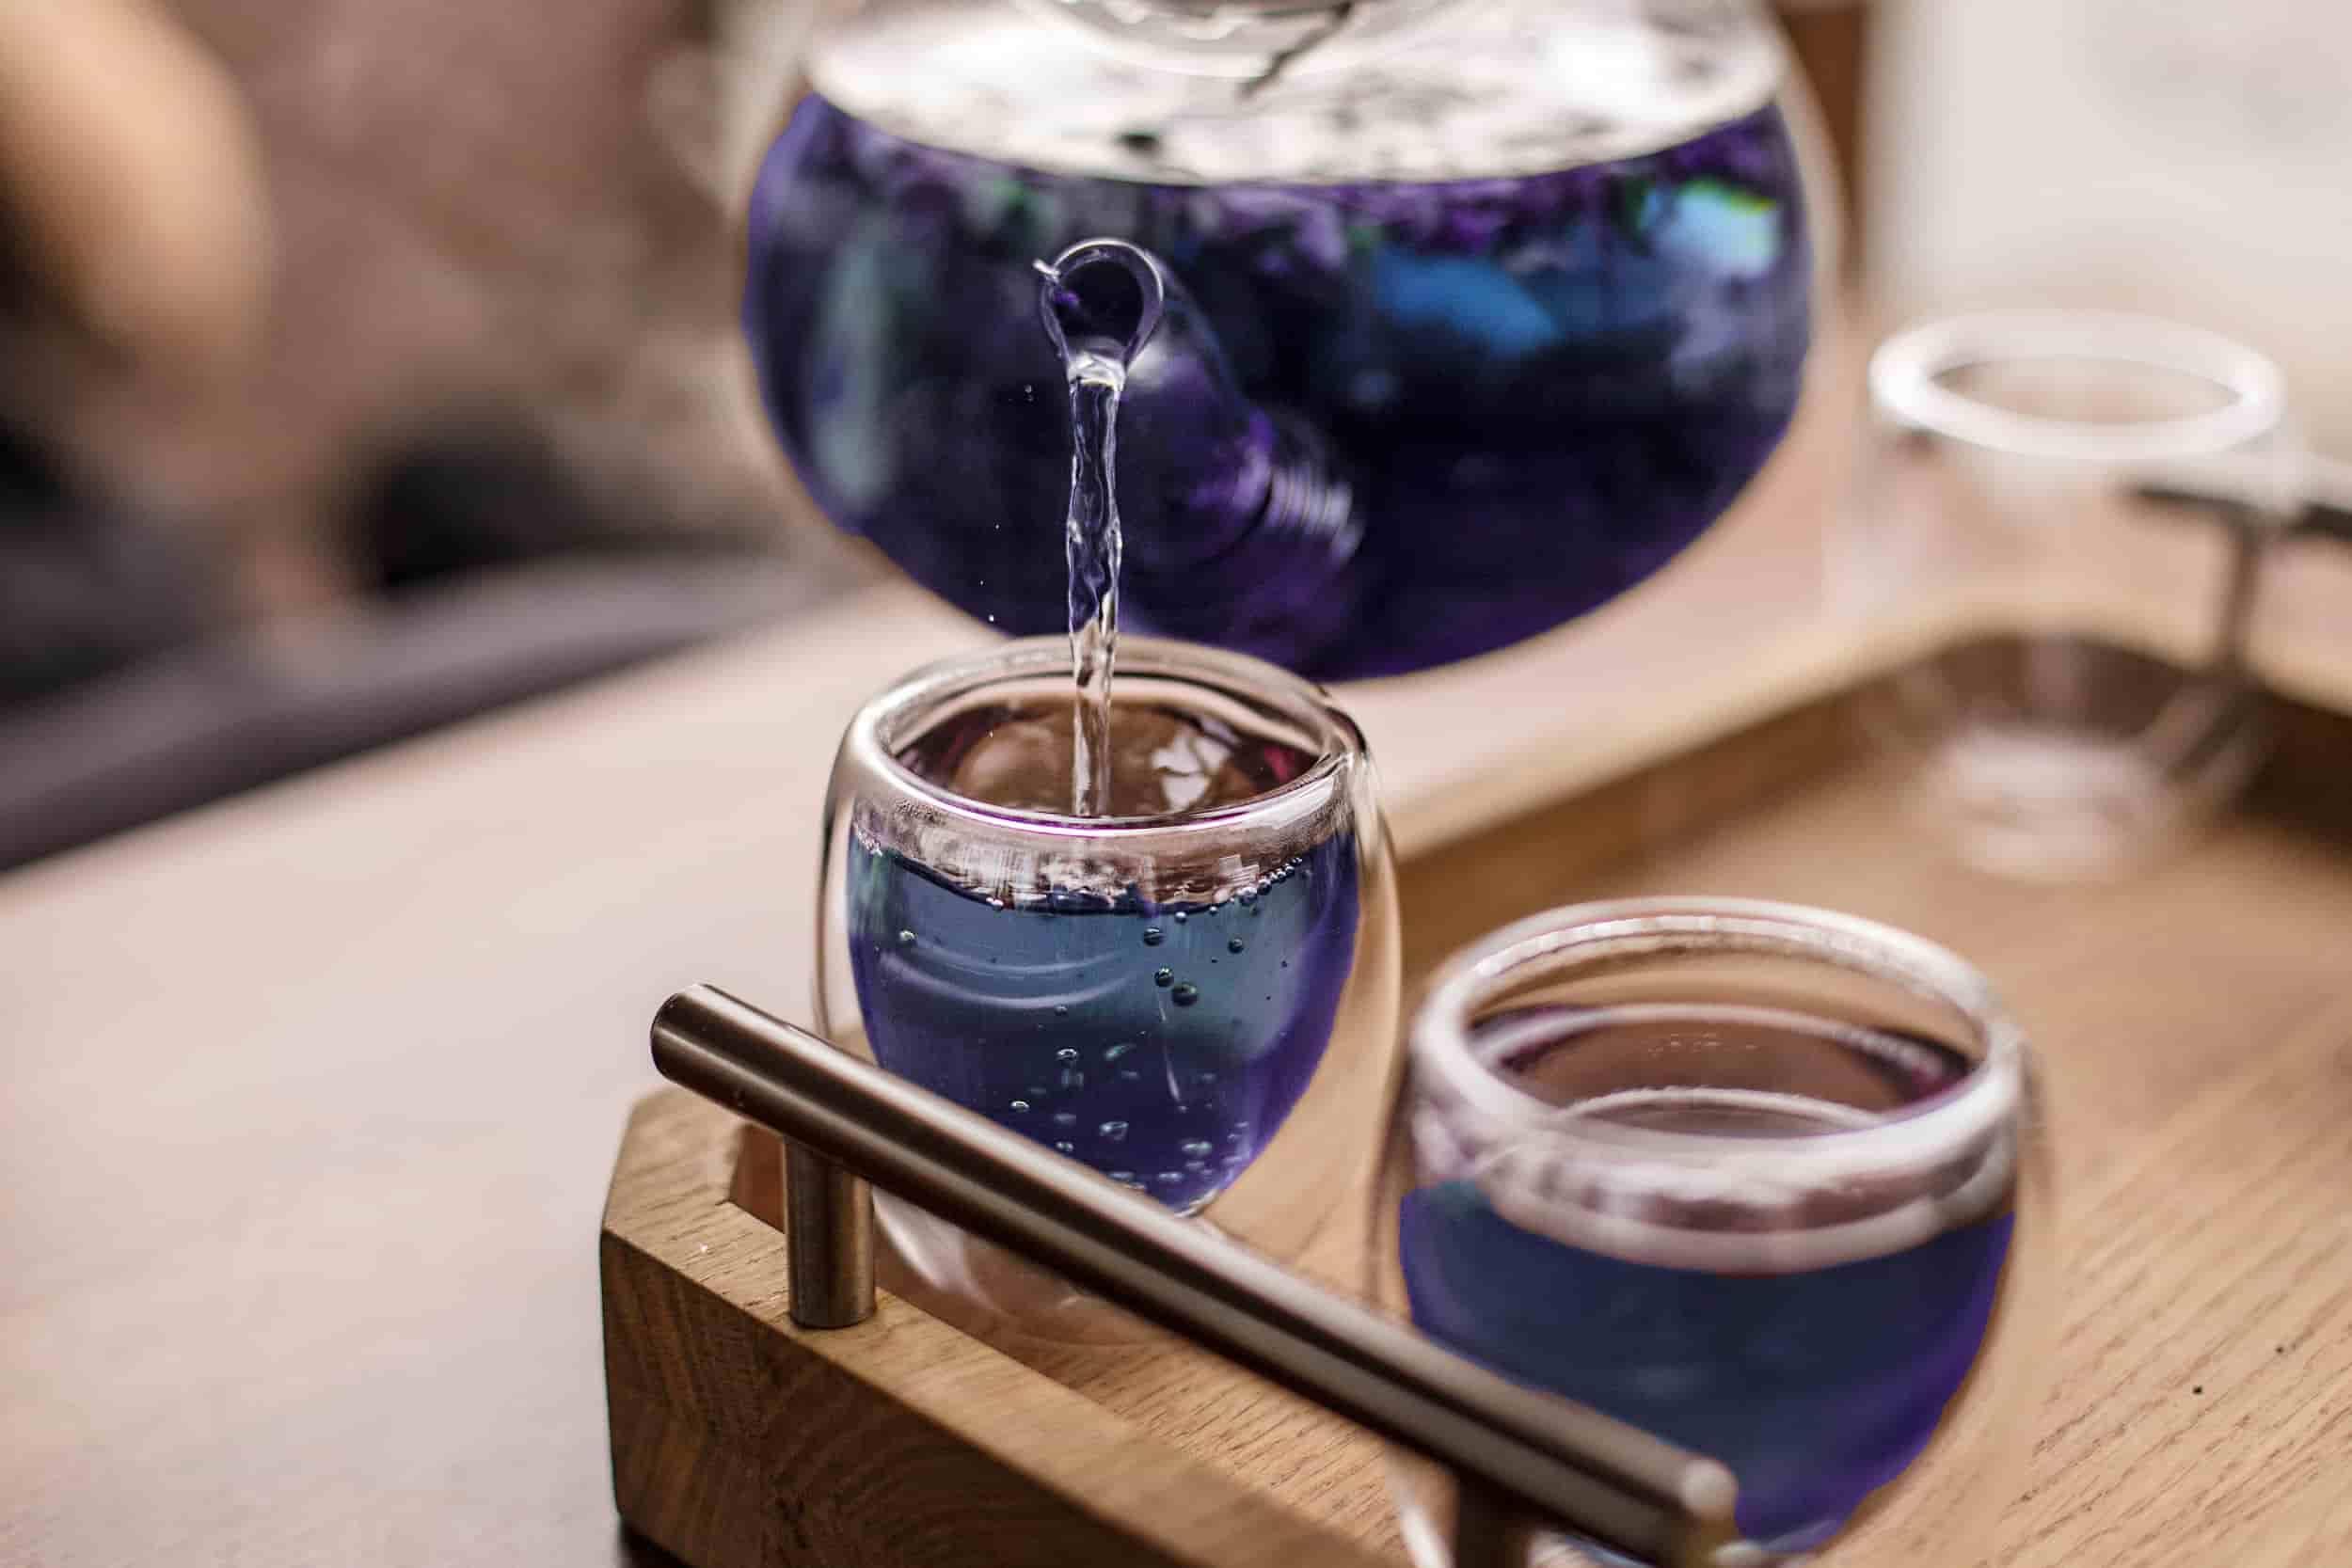 Lưu ý khi dùng cách giảm cân bằng trà hoa đậu biếc